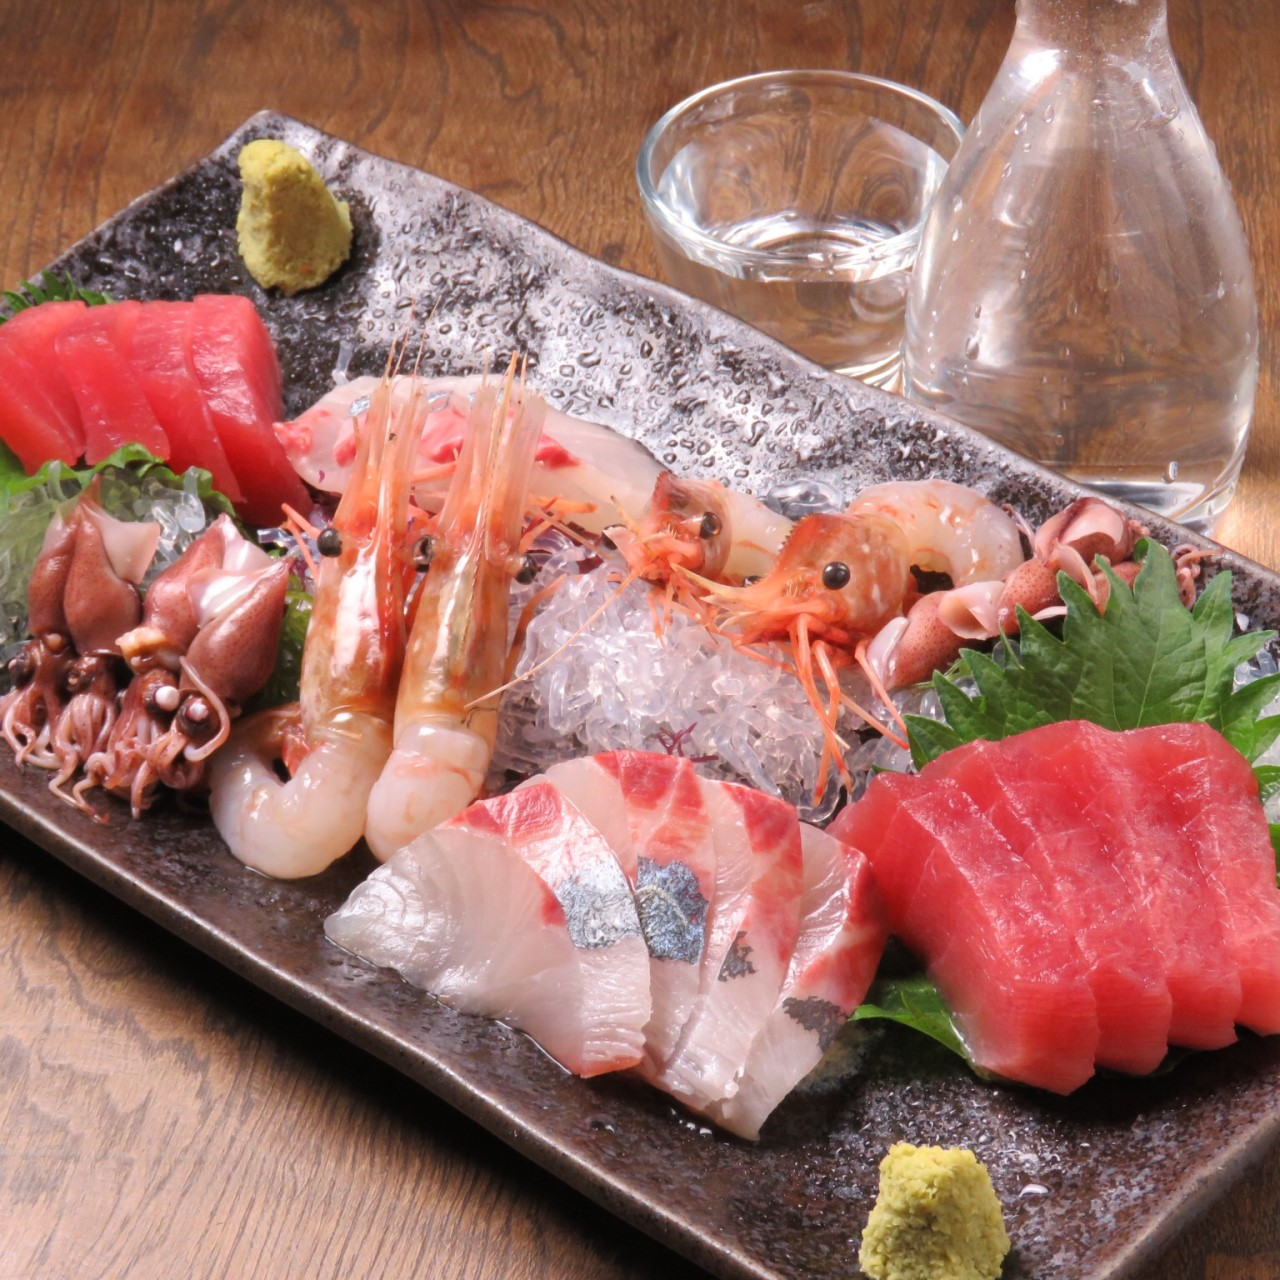 仙台に住むあの人に! 誕生日に豪華な食事をプレゼント